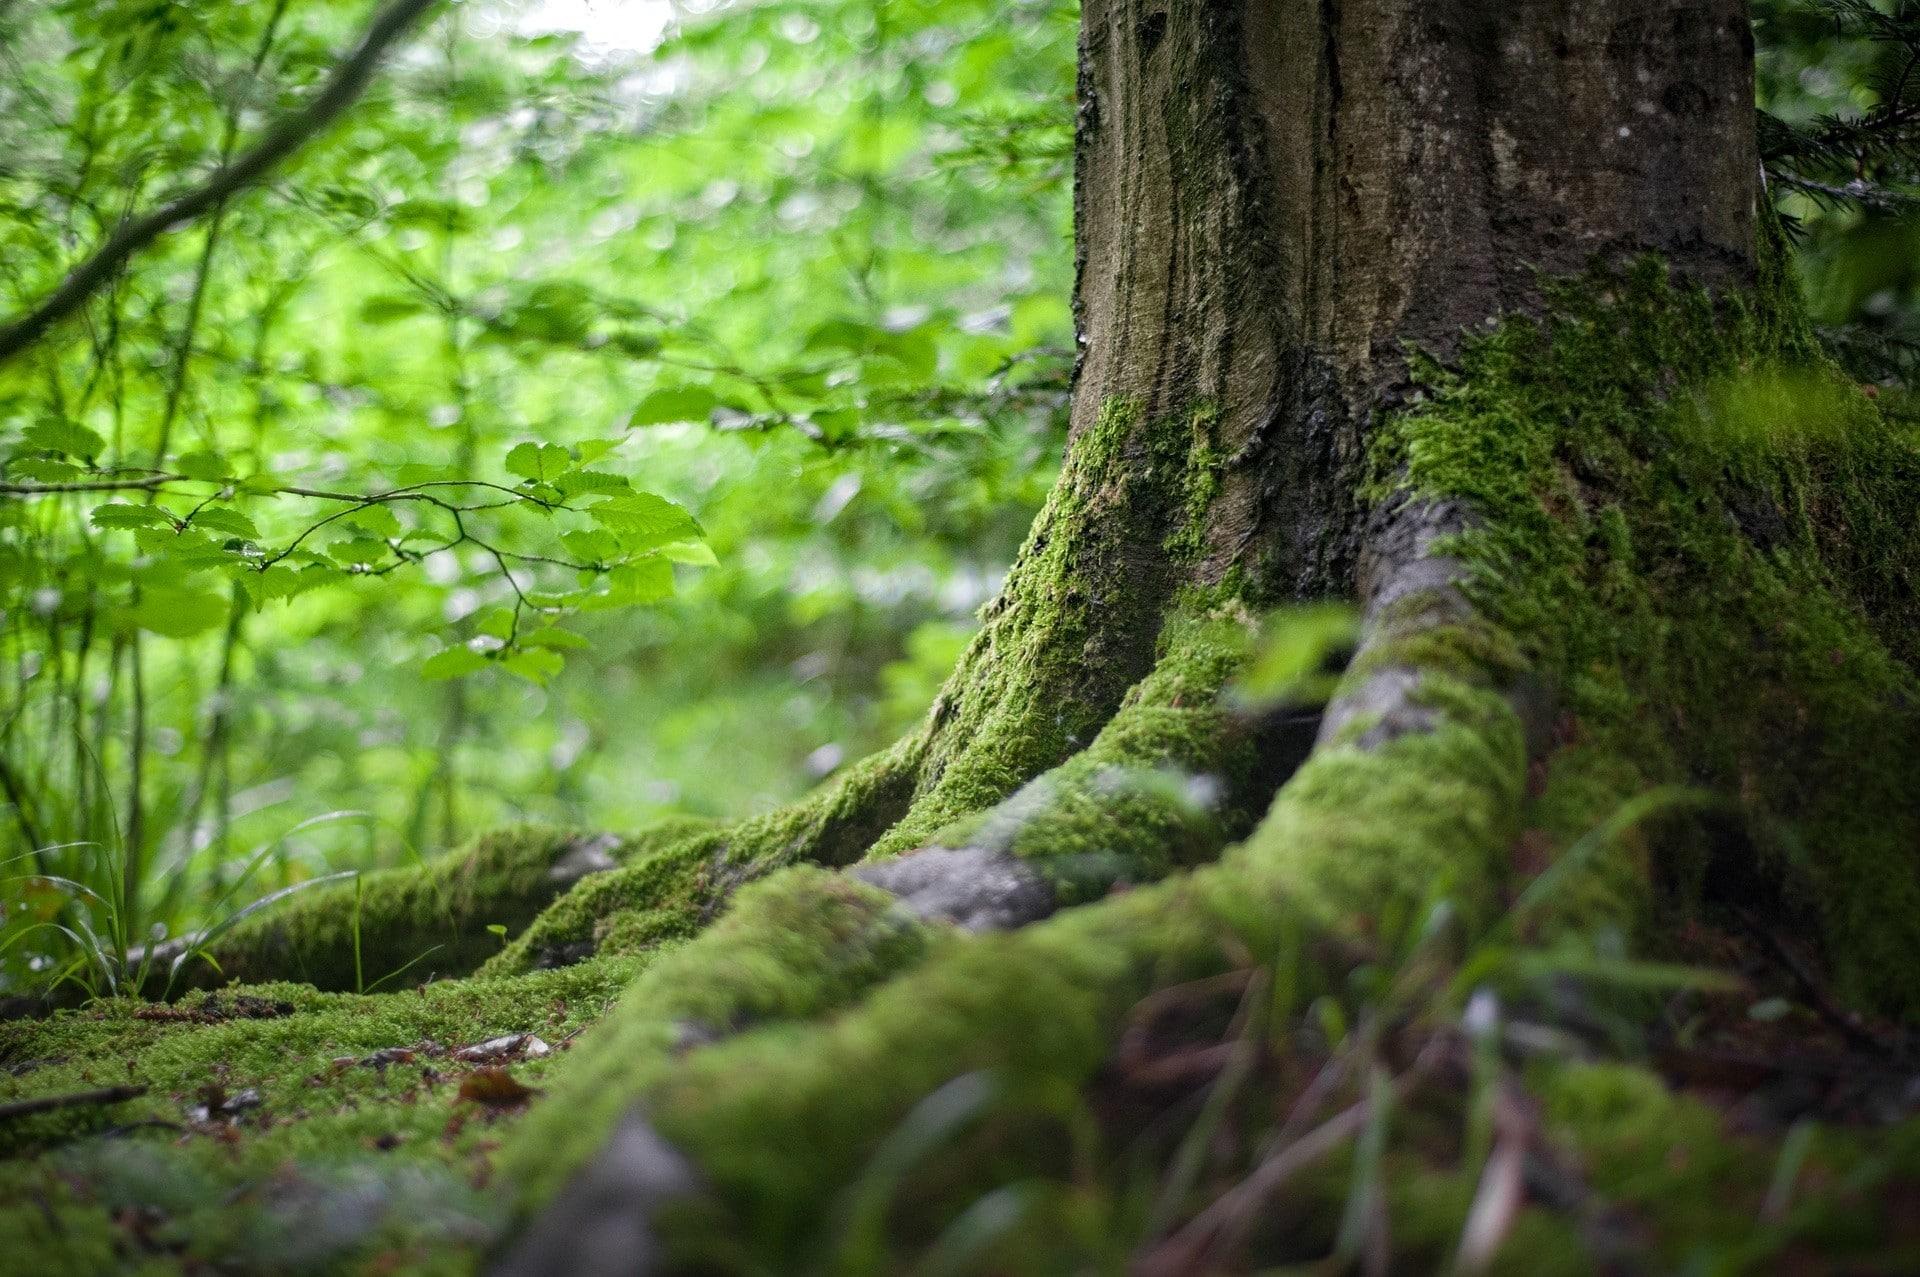 Difese naturali: contattare la propria saggezza interiore | Dipendiamo.blog